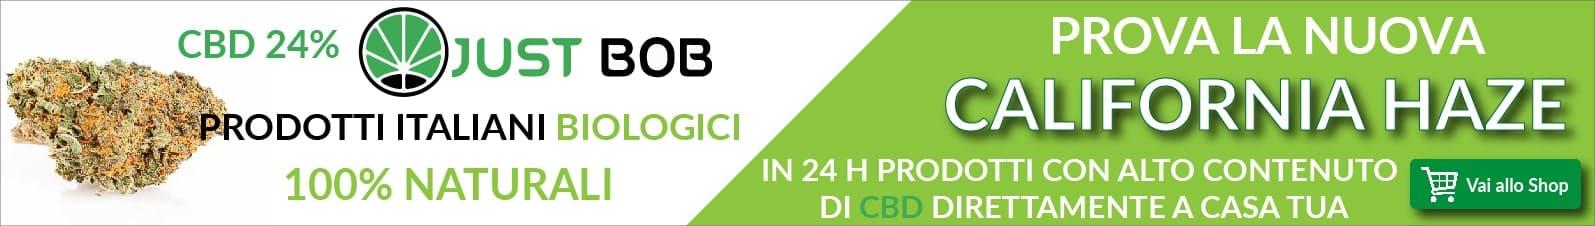 Cannabis legale CALIFORNIA CBD